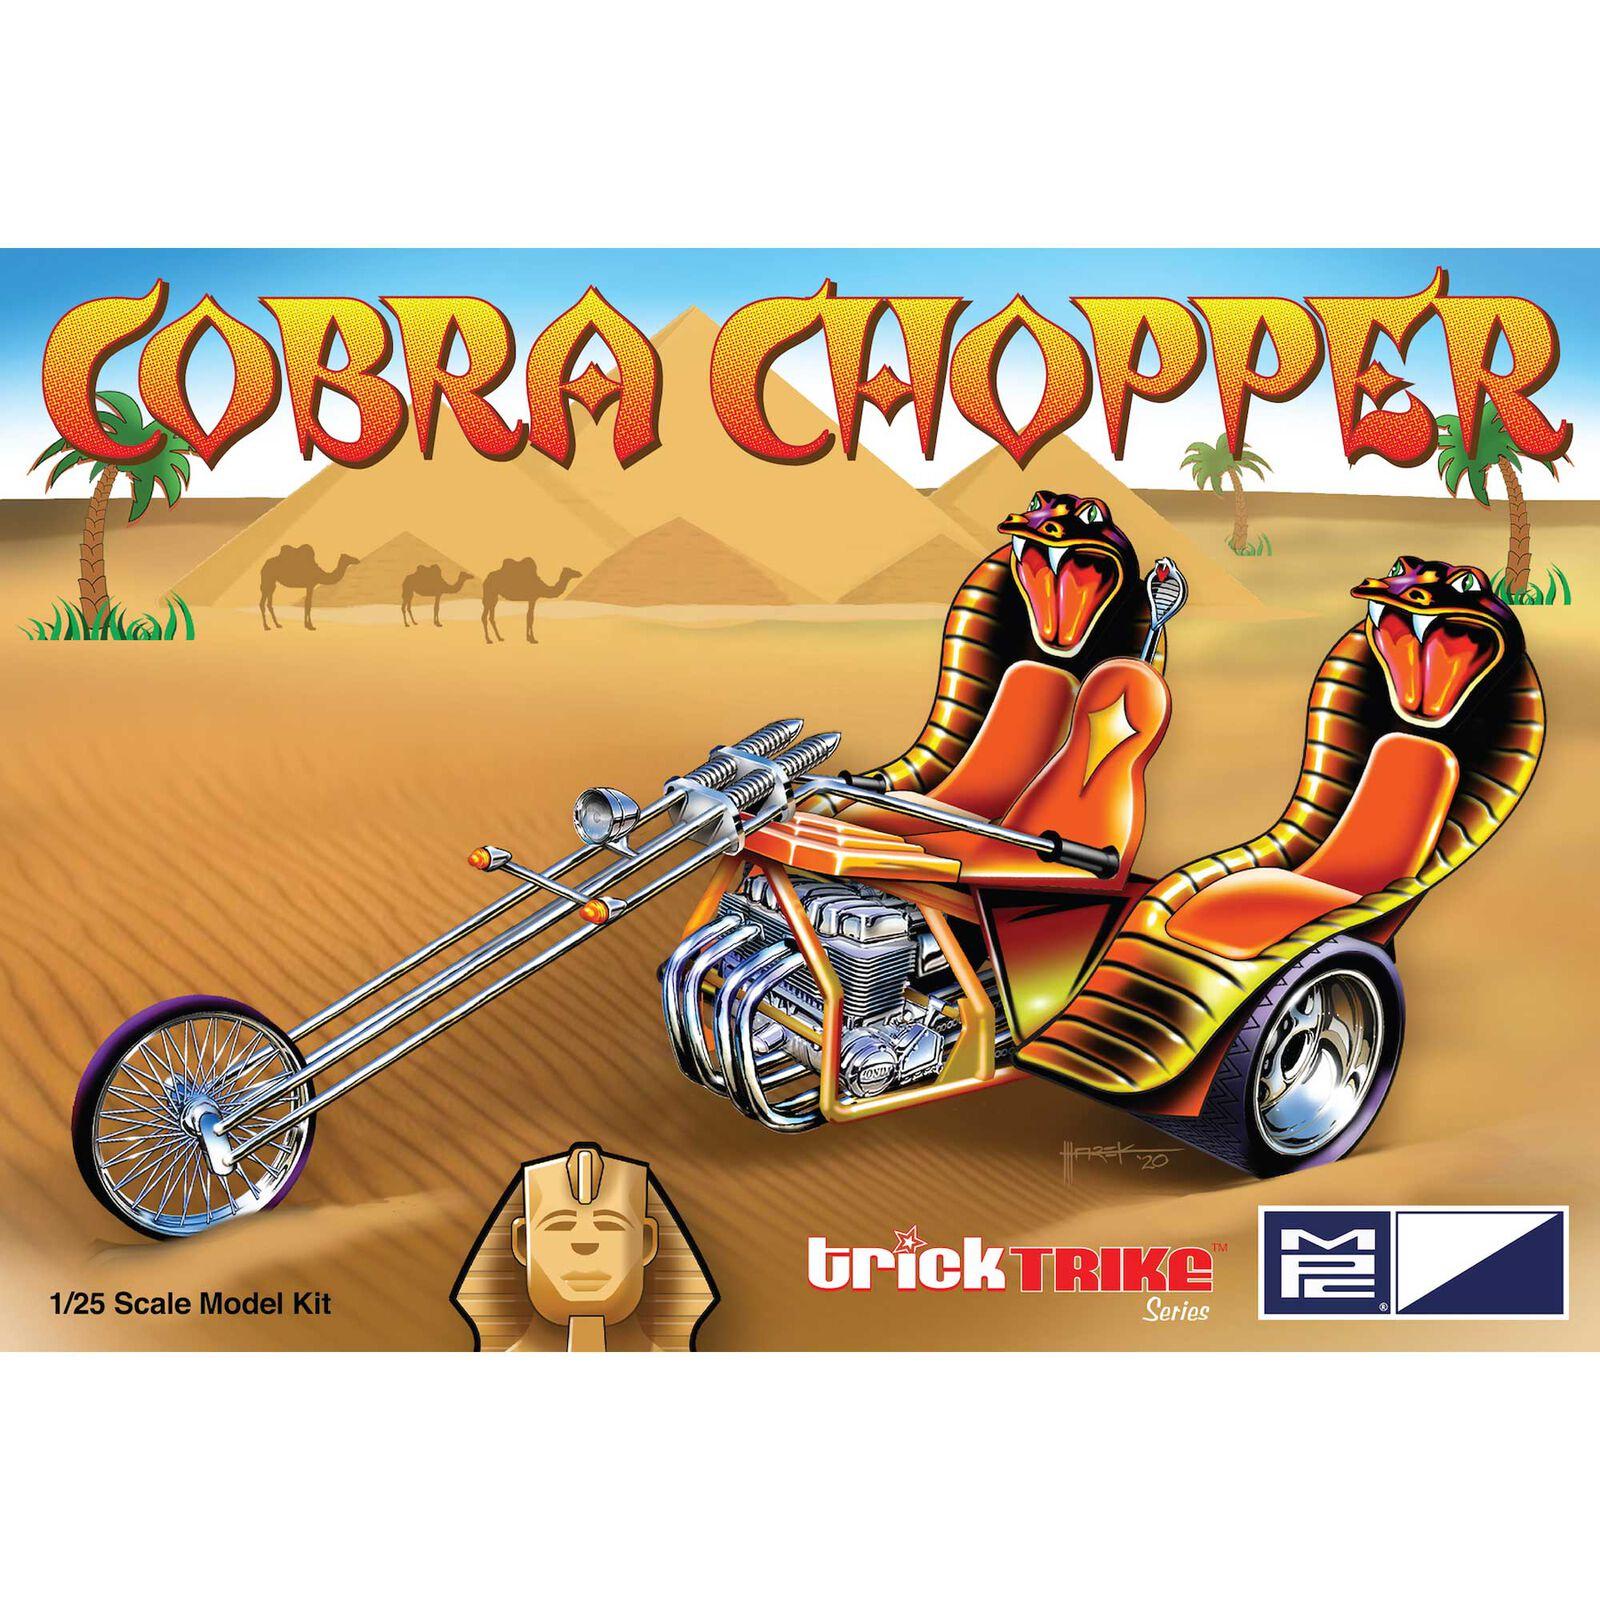 Cobra Chopper (Trick Trikes Series)